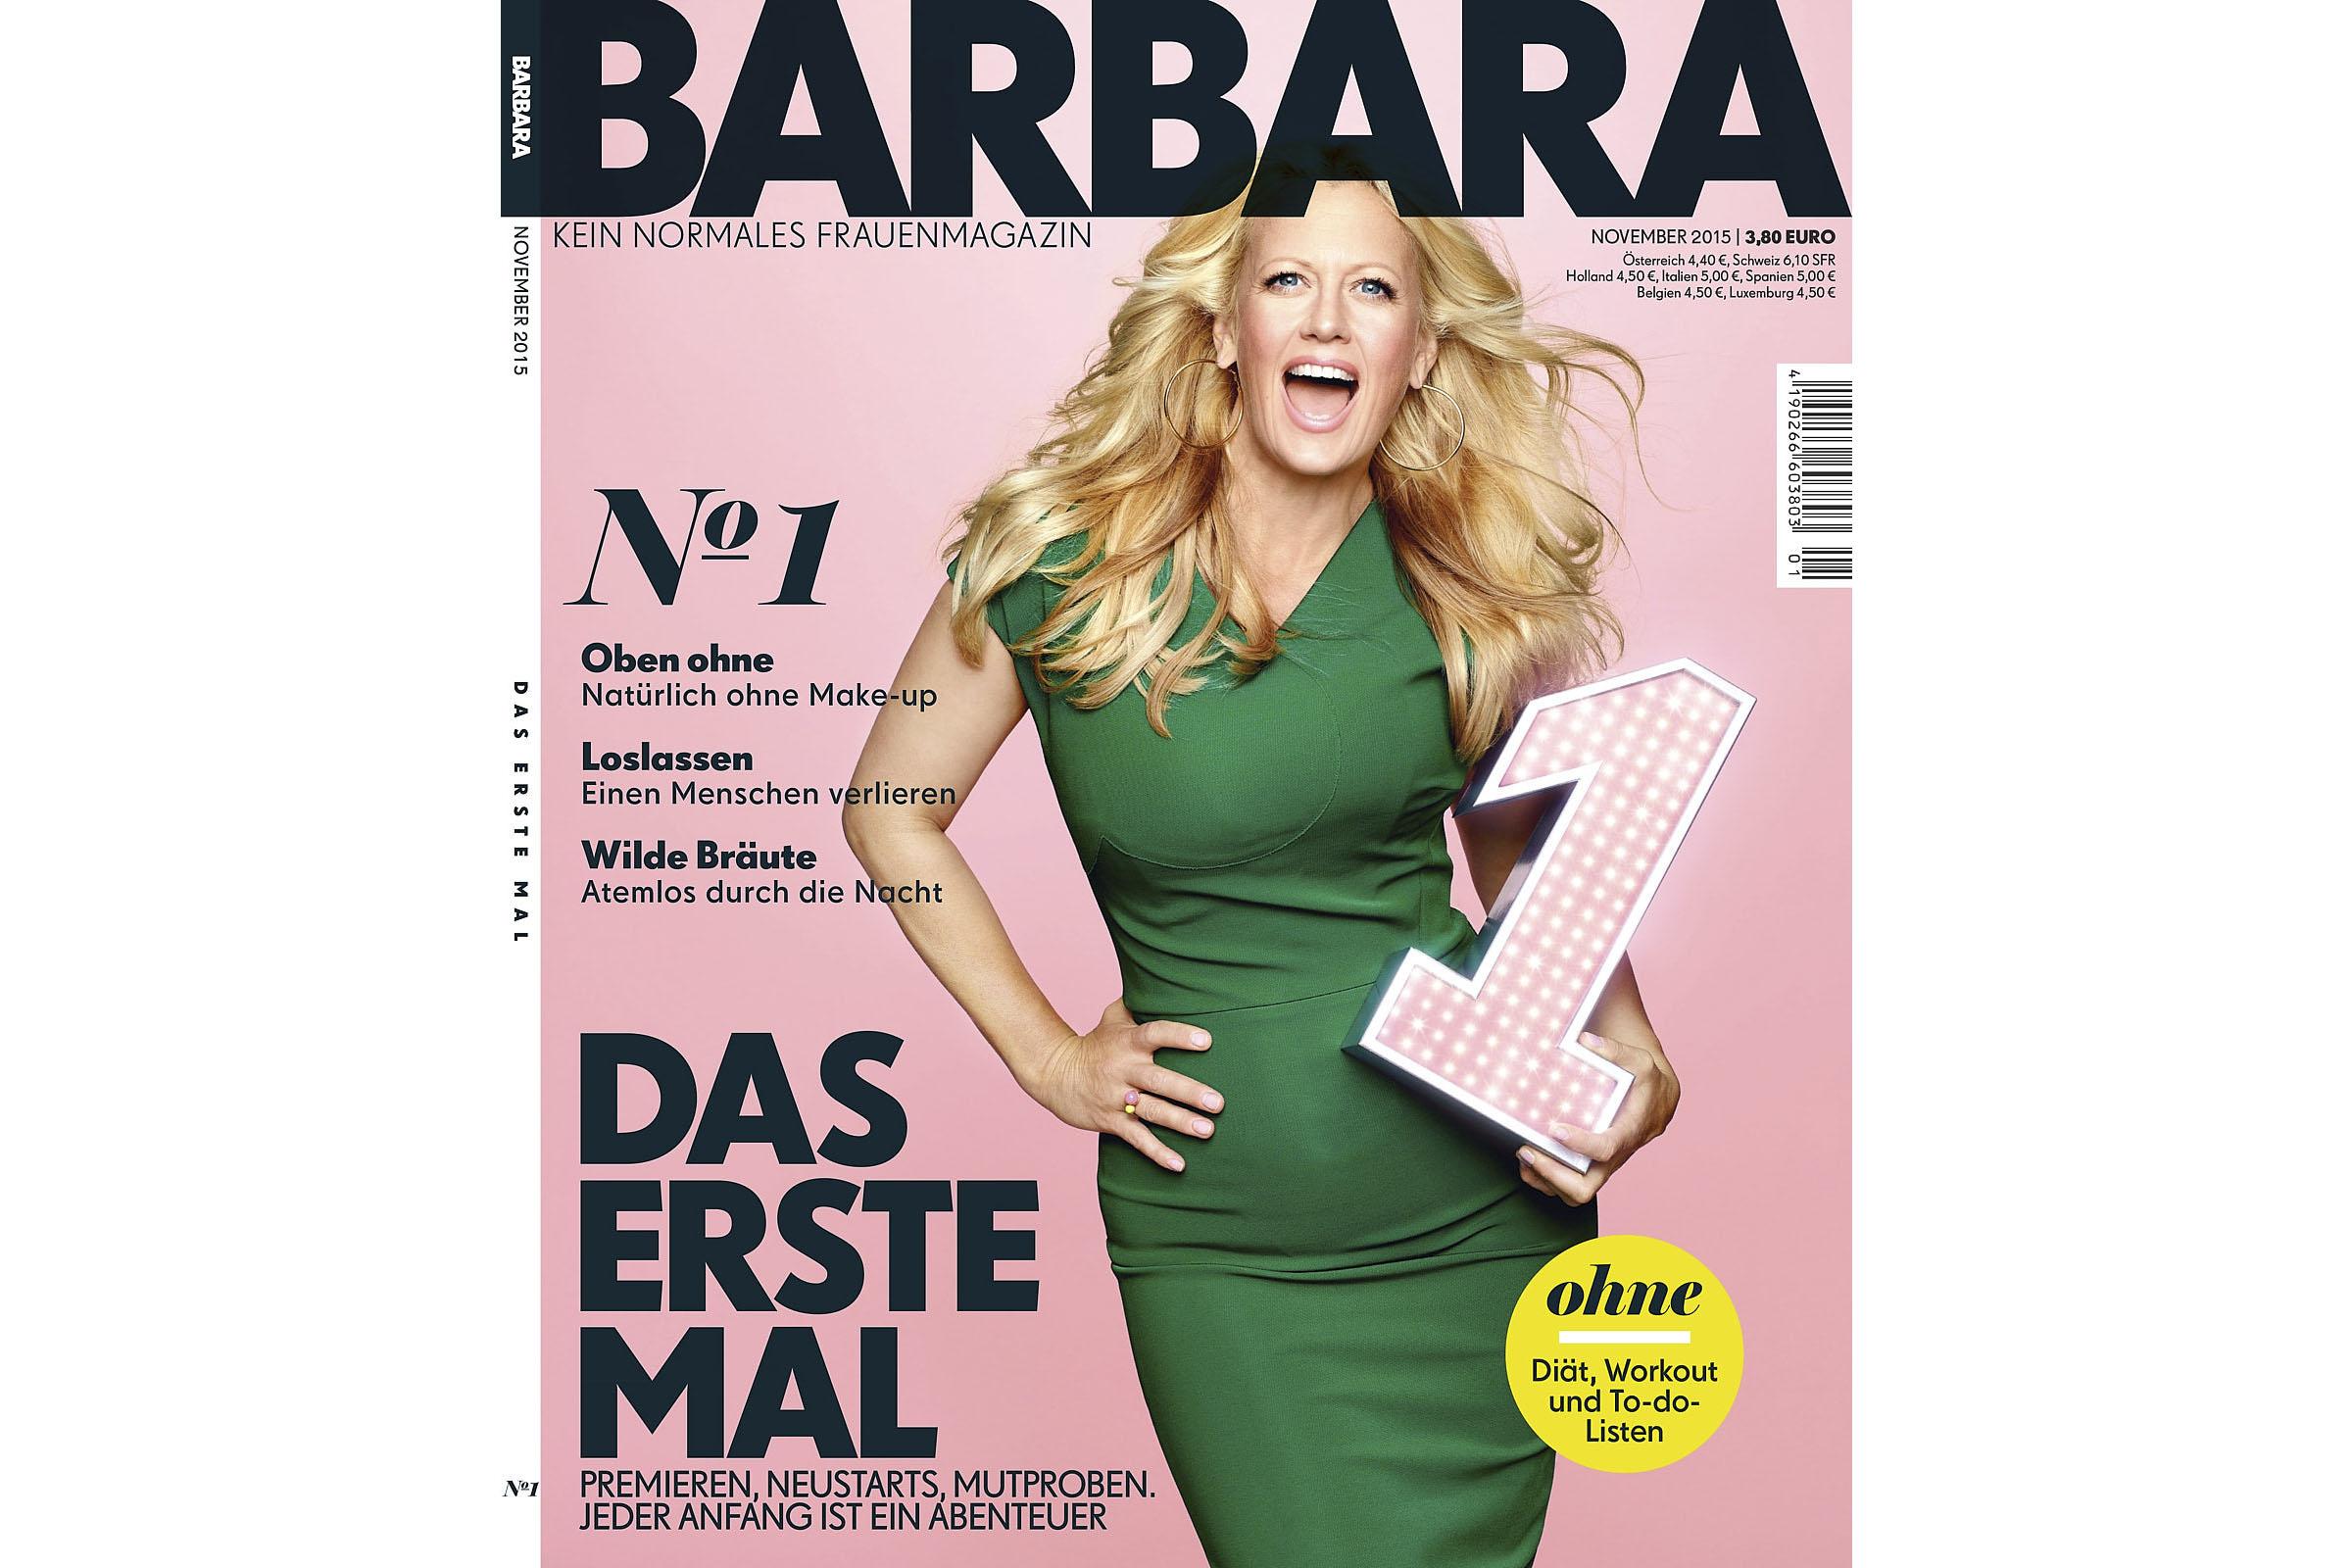 Barbara_#01_Cover_landscape